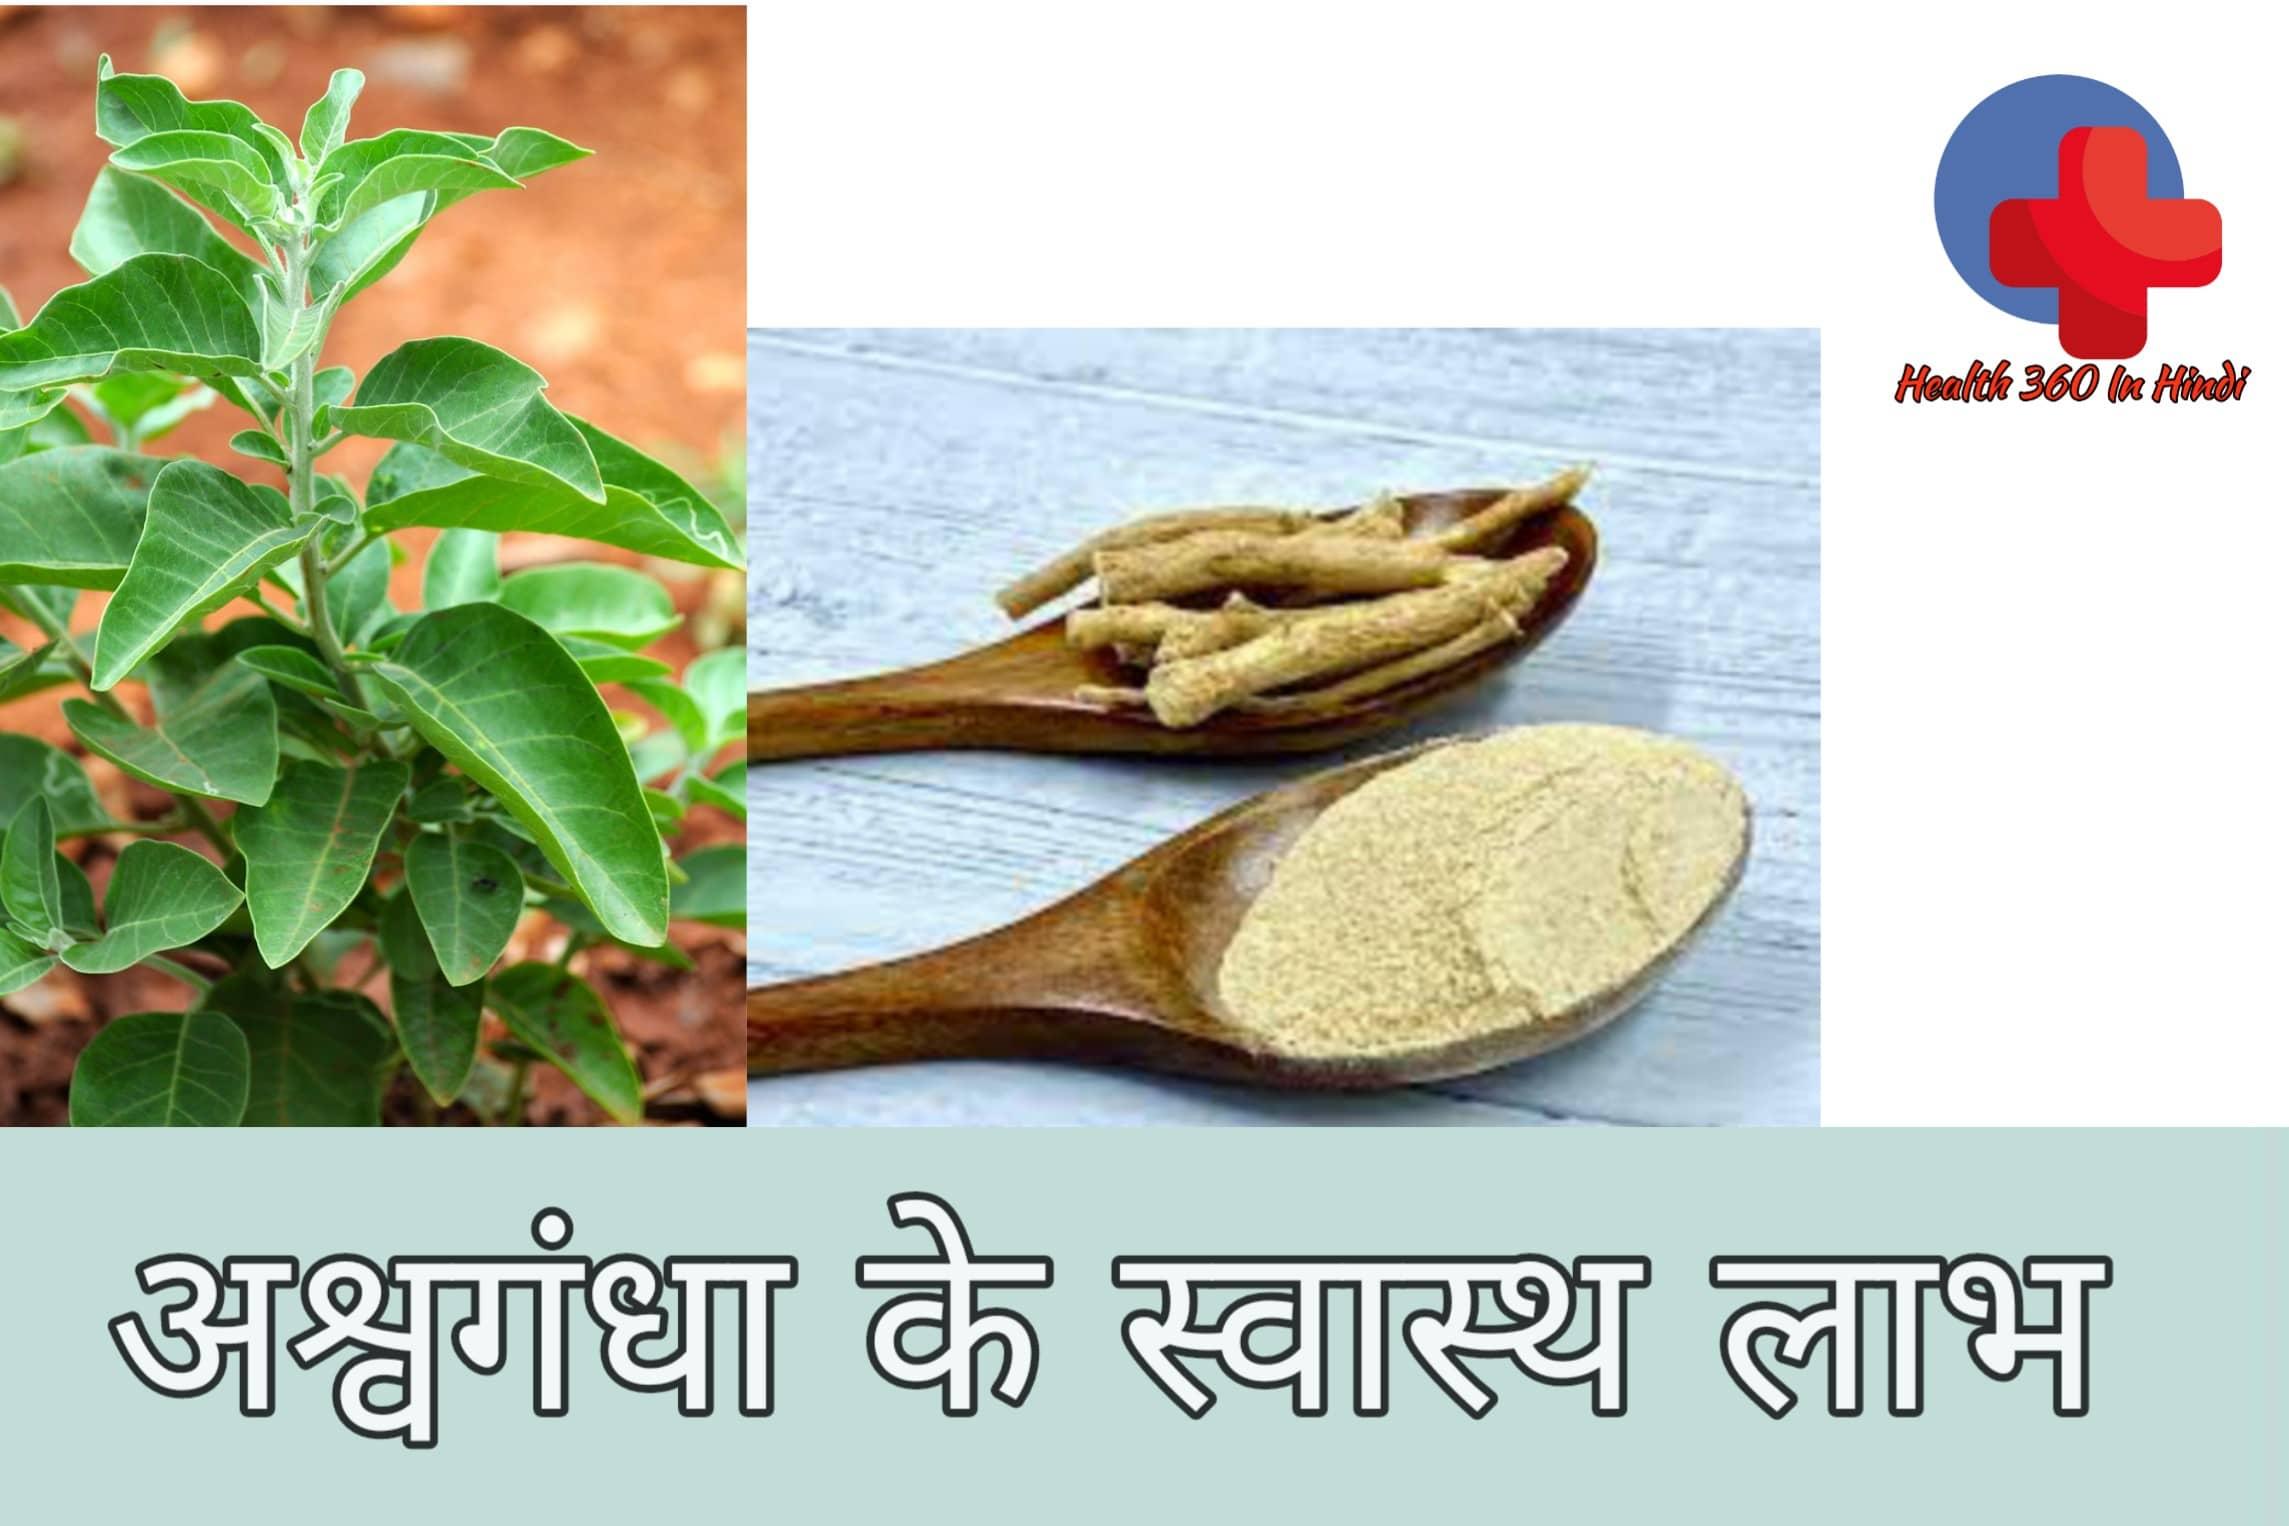 अश्वगन्धा के औषधीय गुण  Ashwagandha Benefit in Hindi